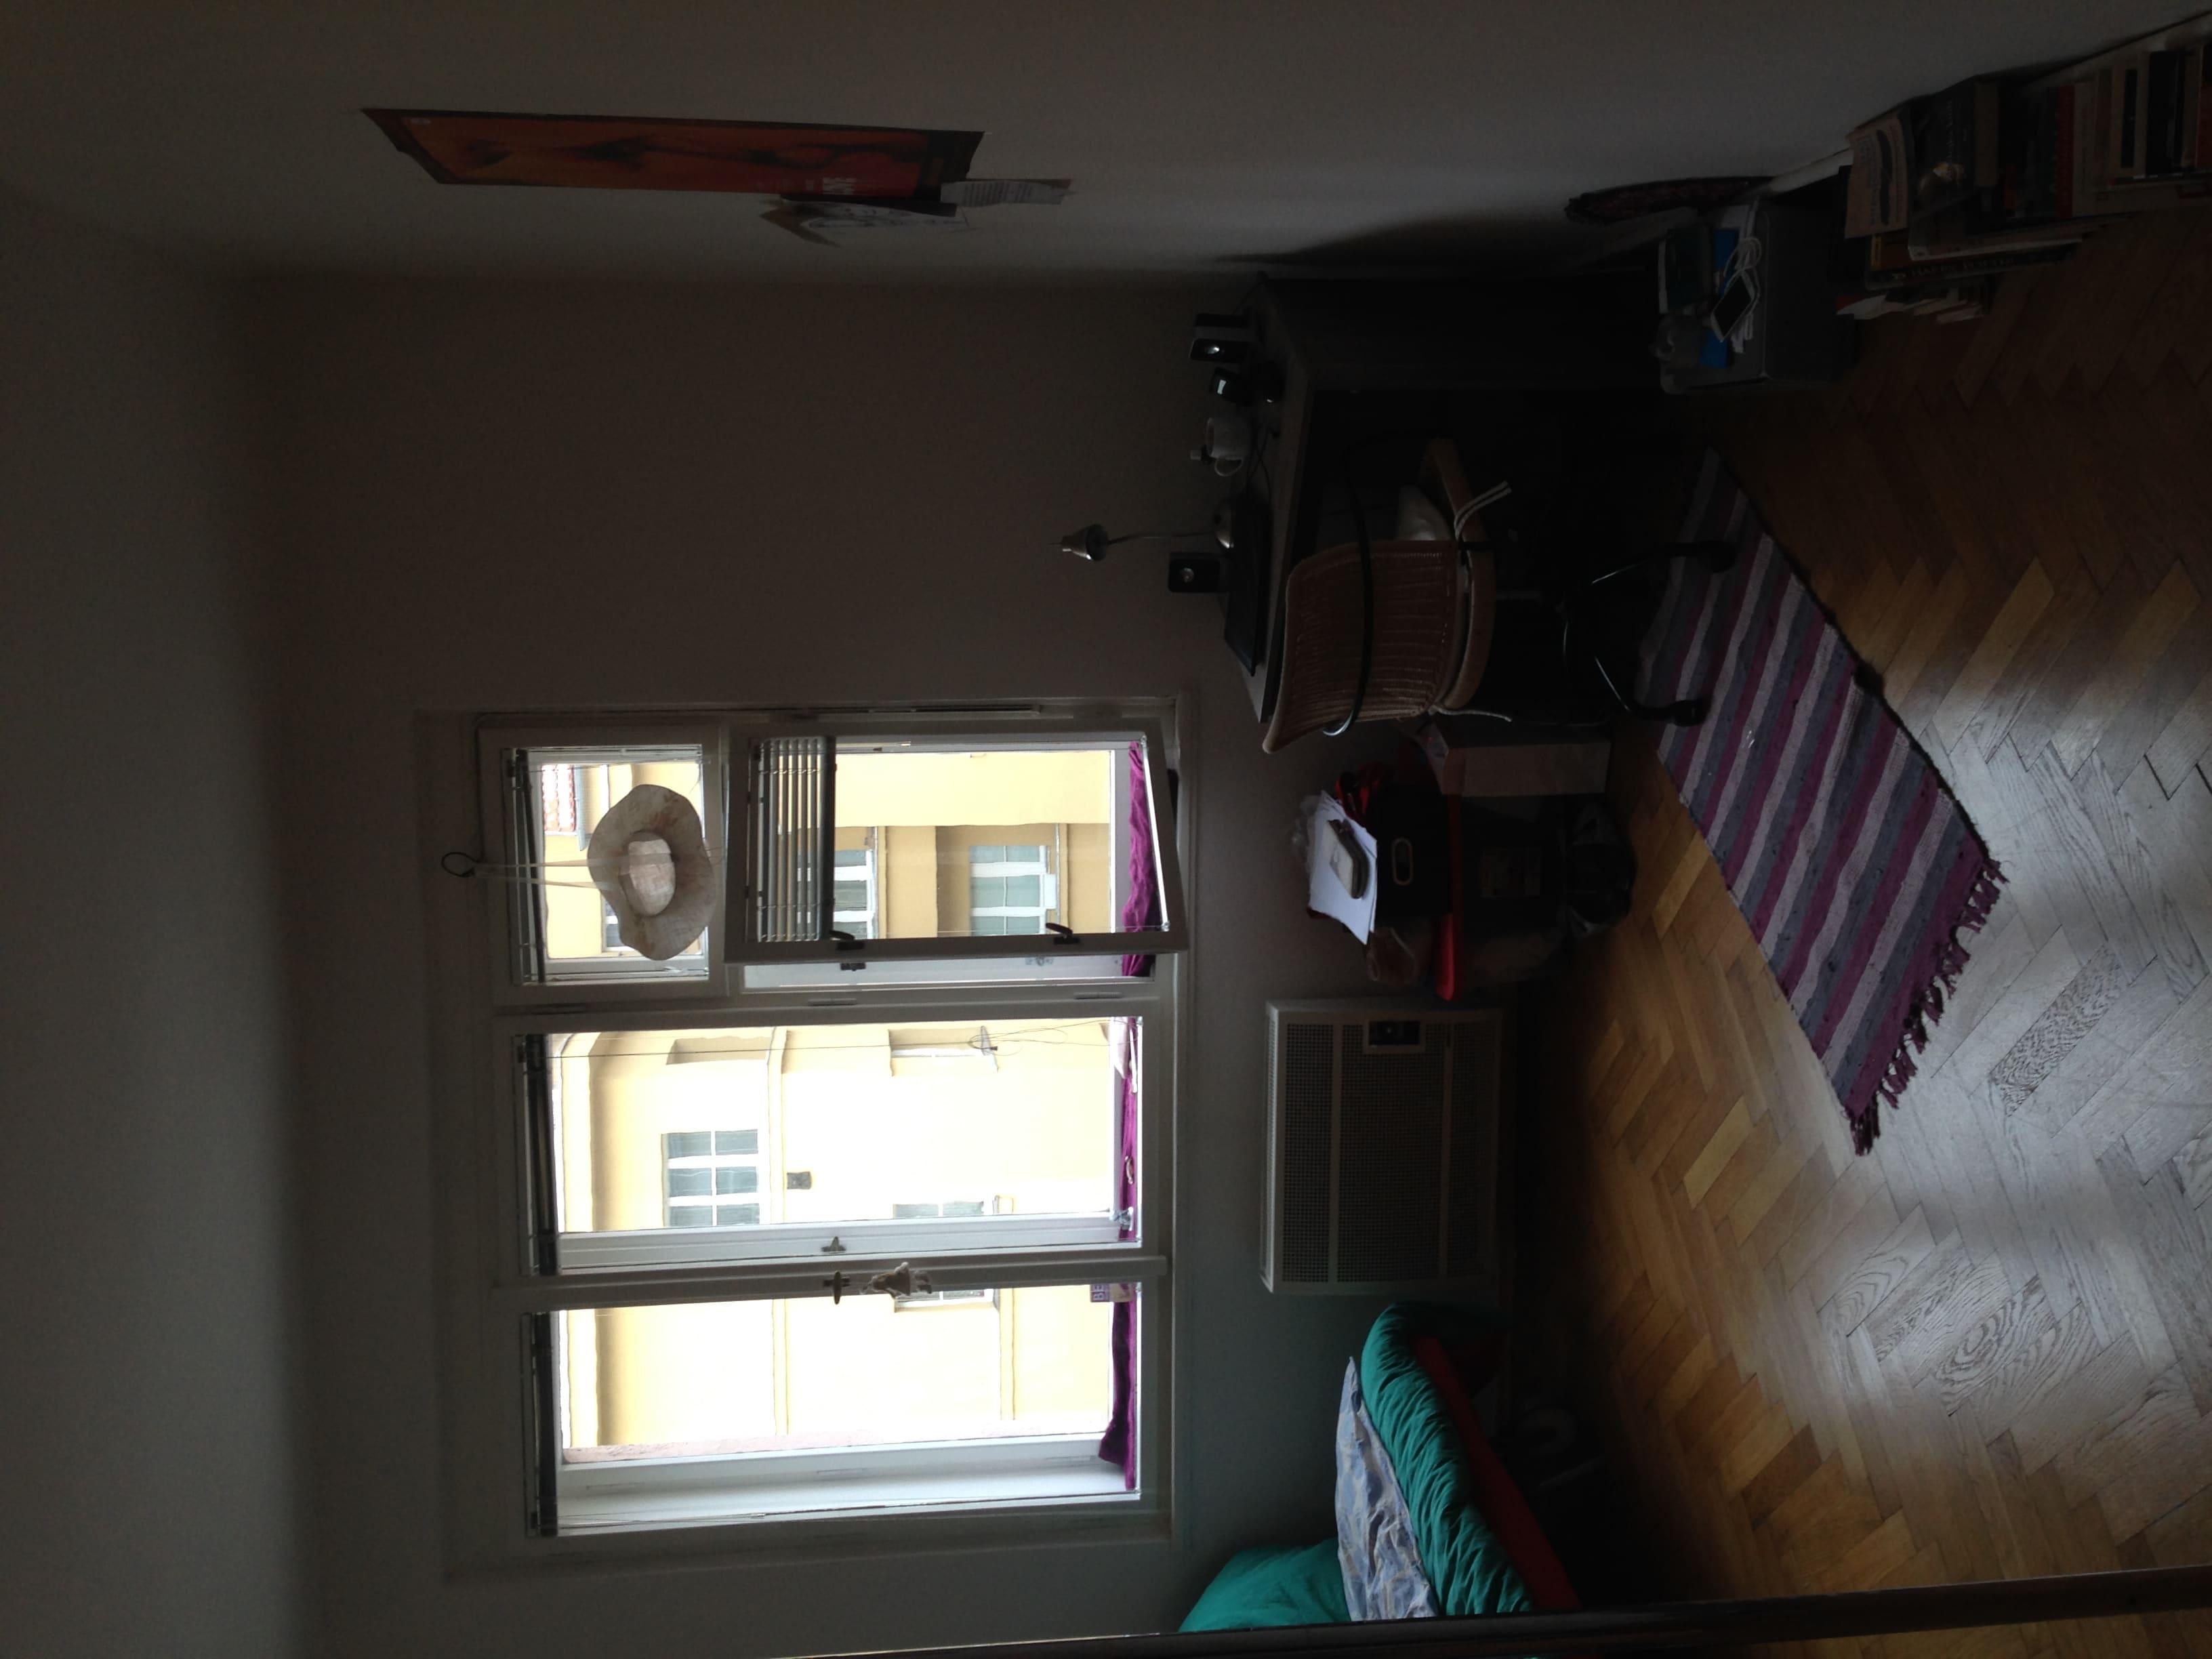 למכירה דירת 2 חדרים בגודל 52 מר בשכונת ז'יז'קוב א (1)